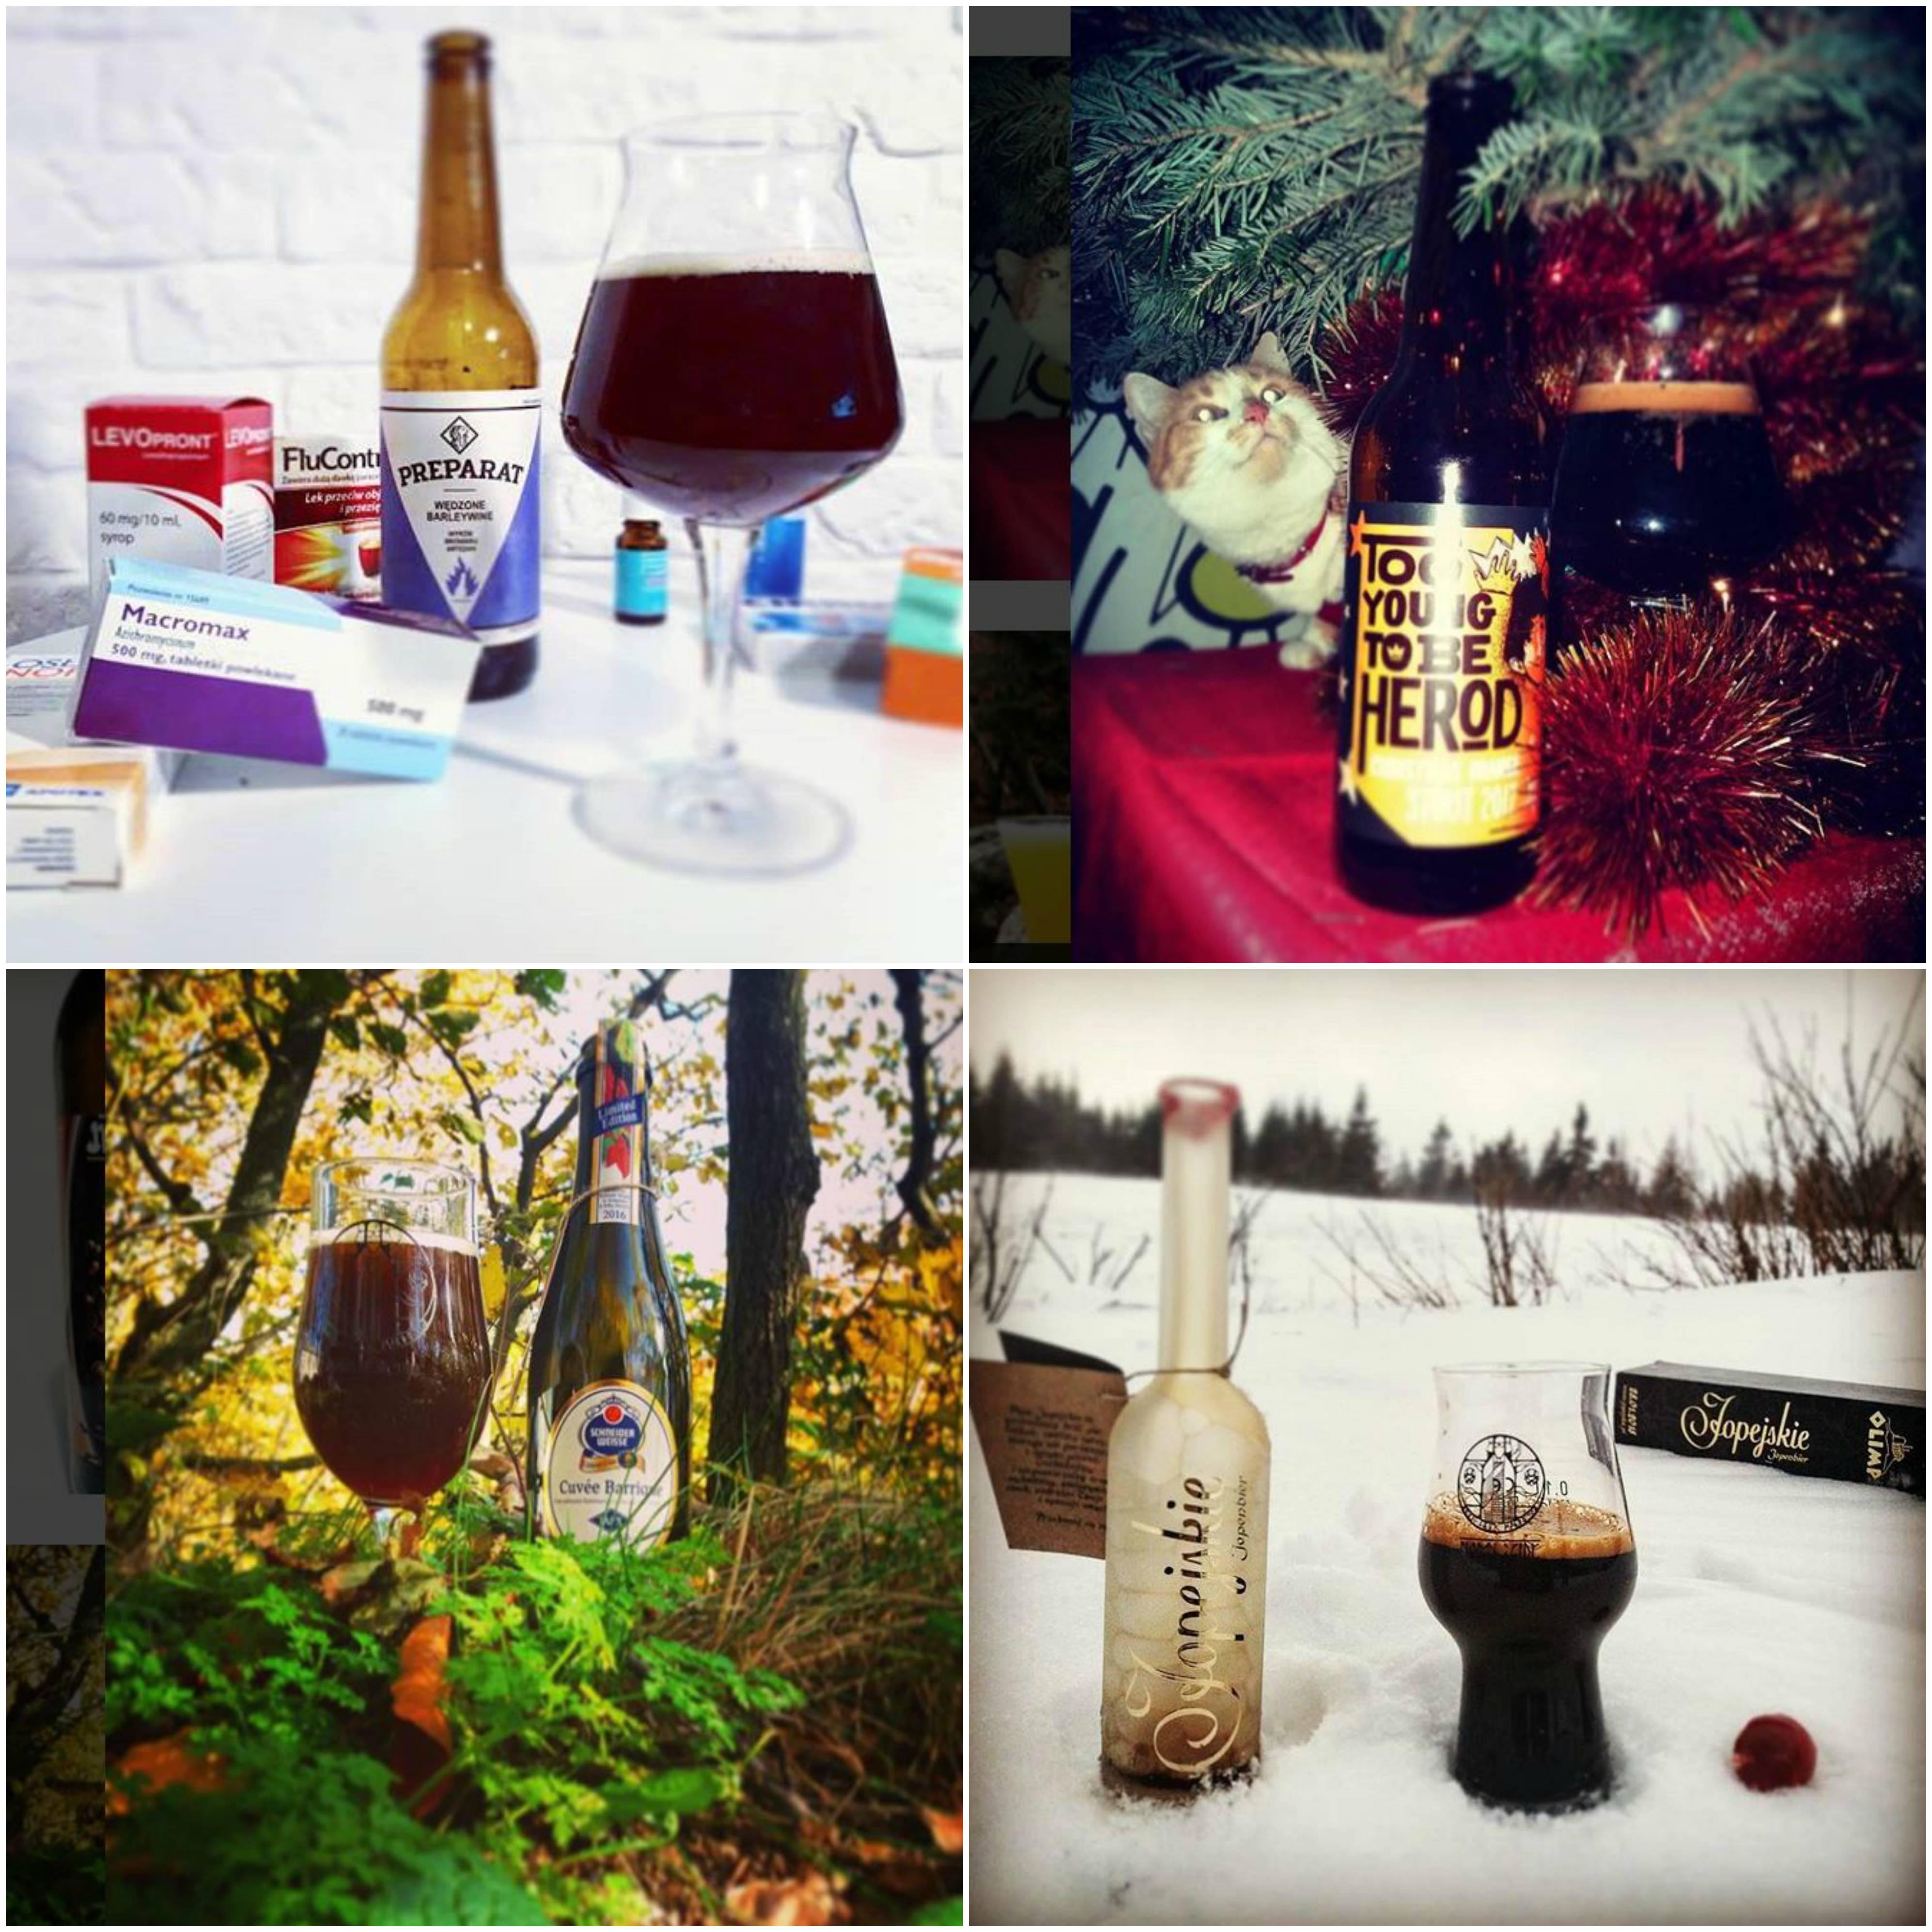 hopsterka Instagram